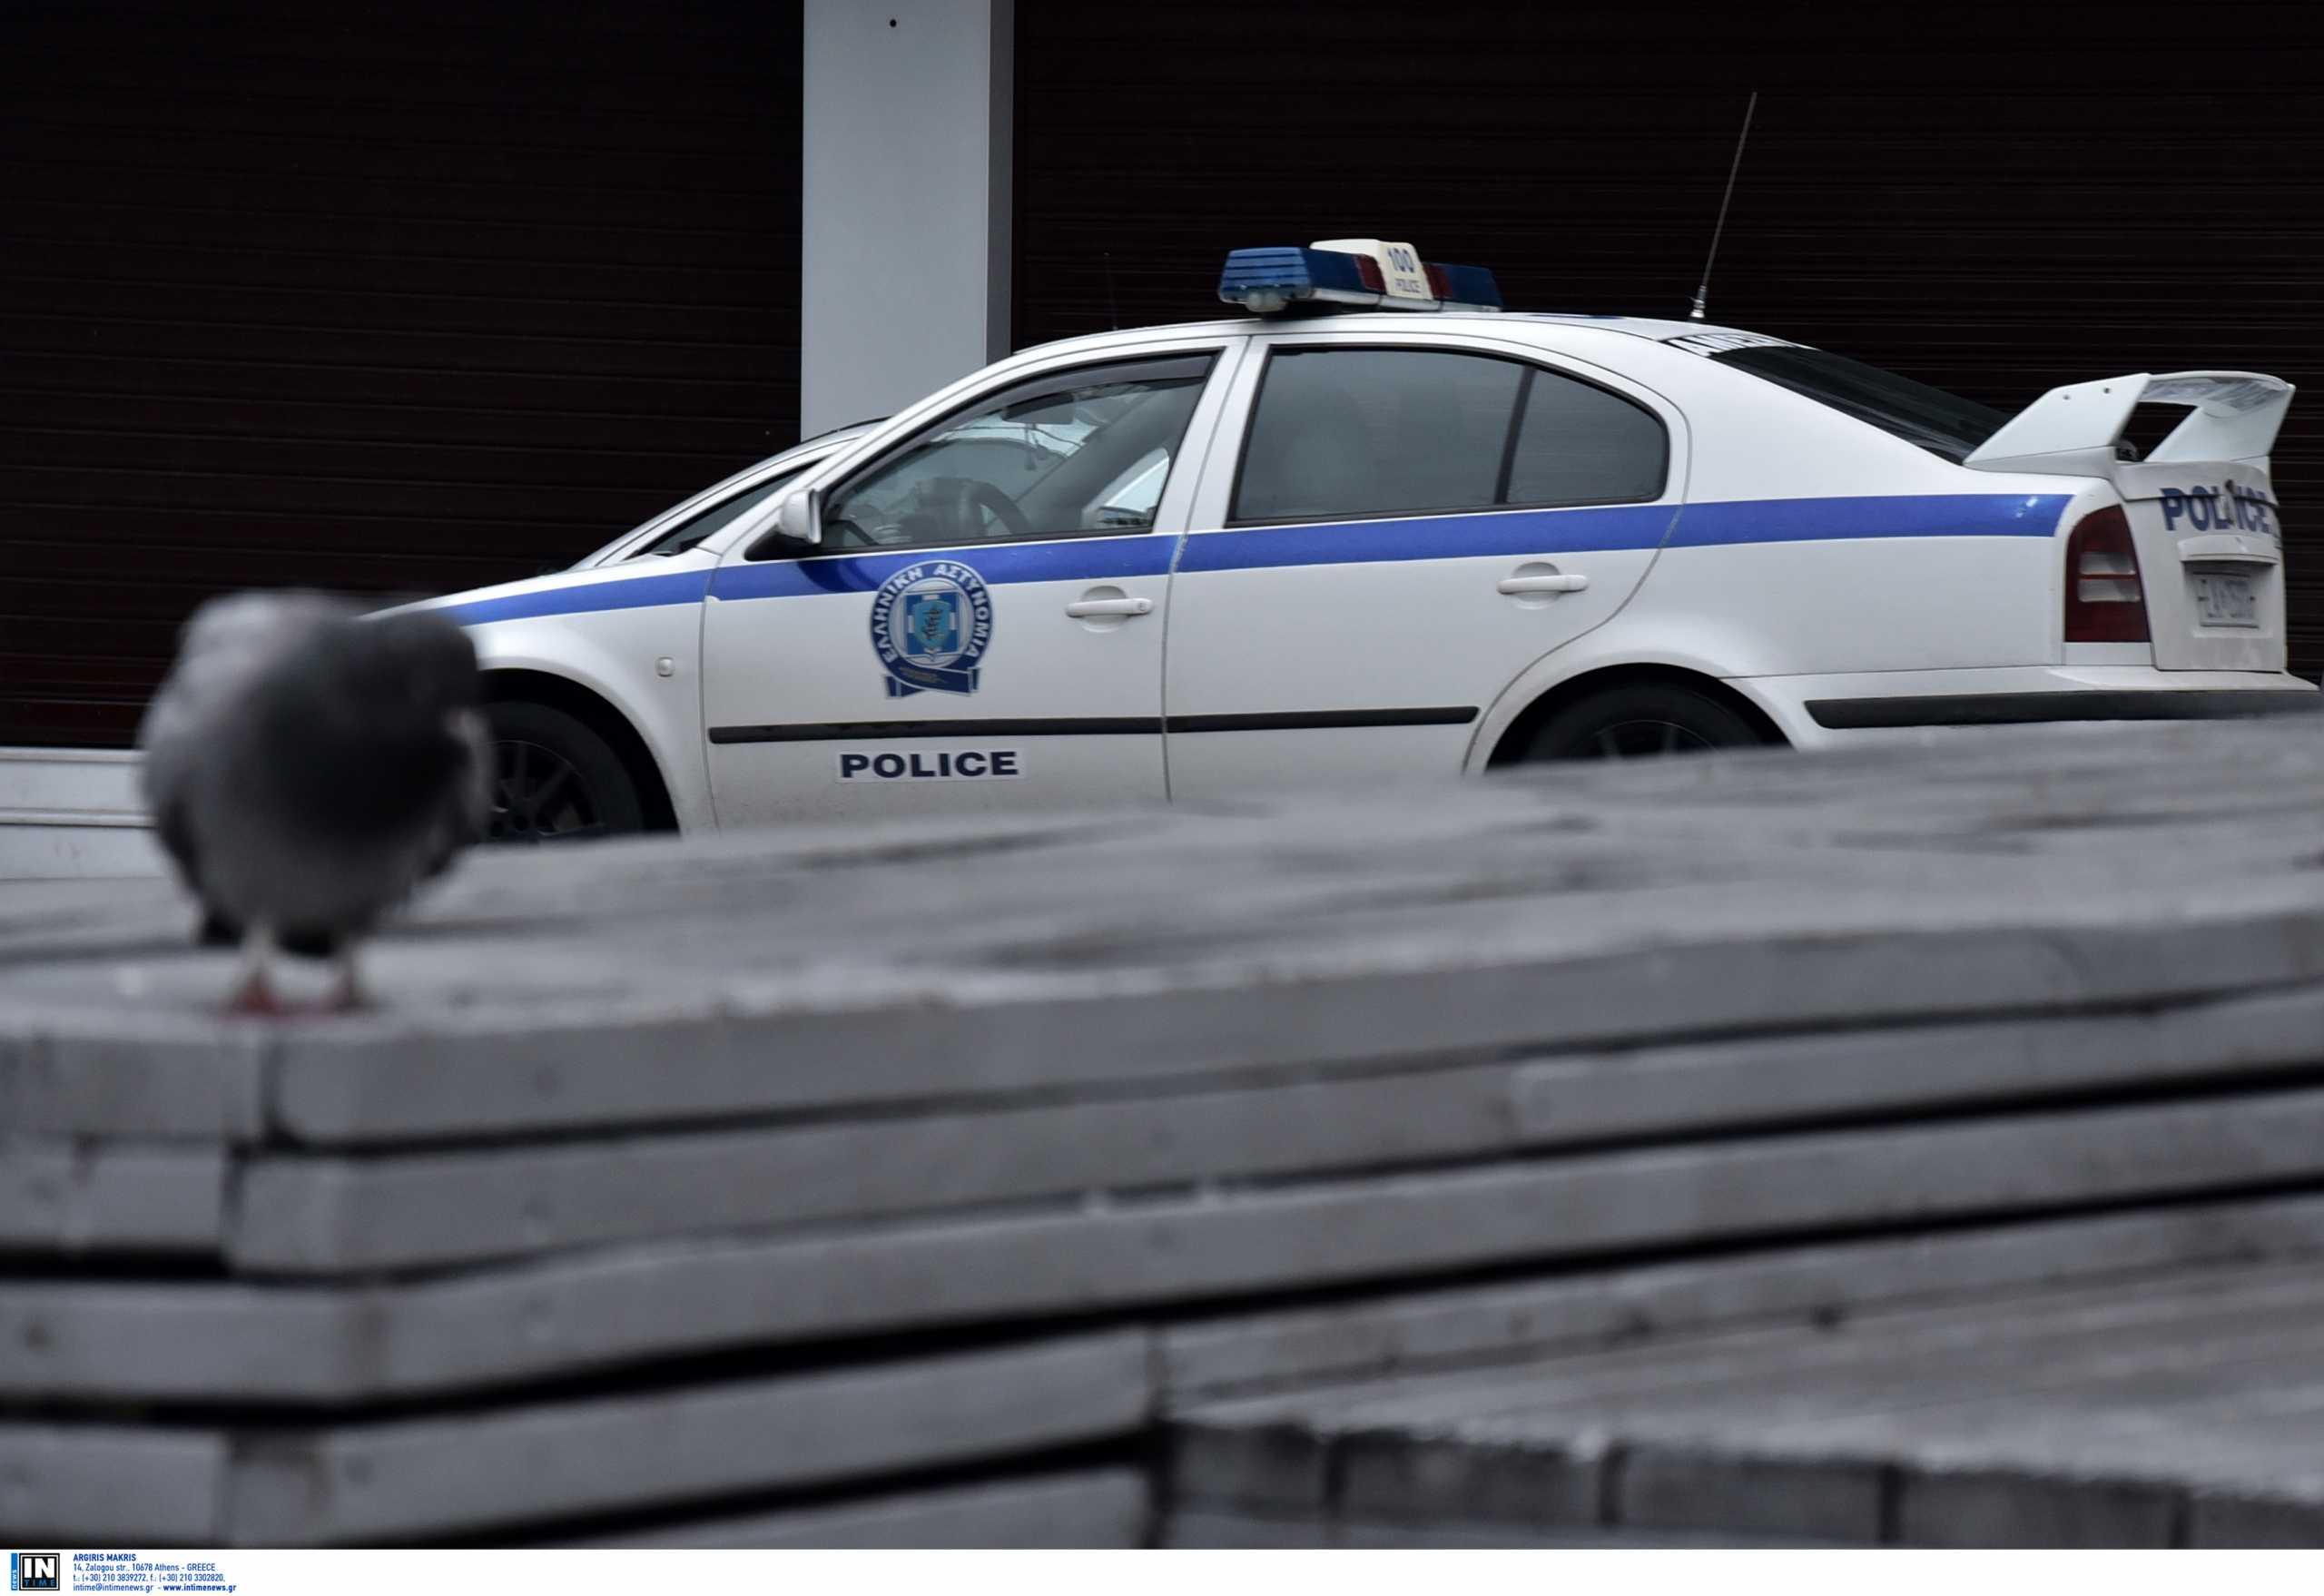 Ζάκυνθος: Συνελήφθη άνδρας σε βάρος του οποίου εκκρεμούσε καταδικαστική απόφαση για ναρκωτικά